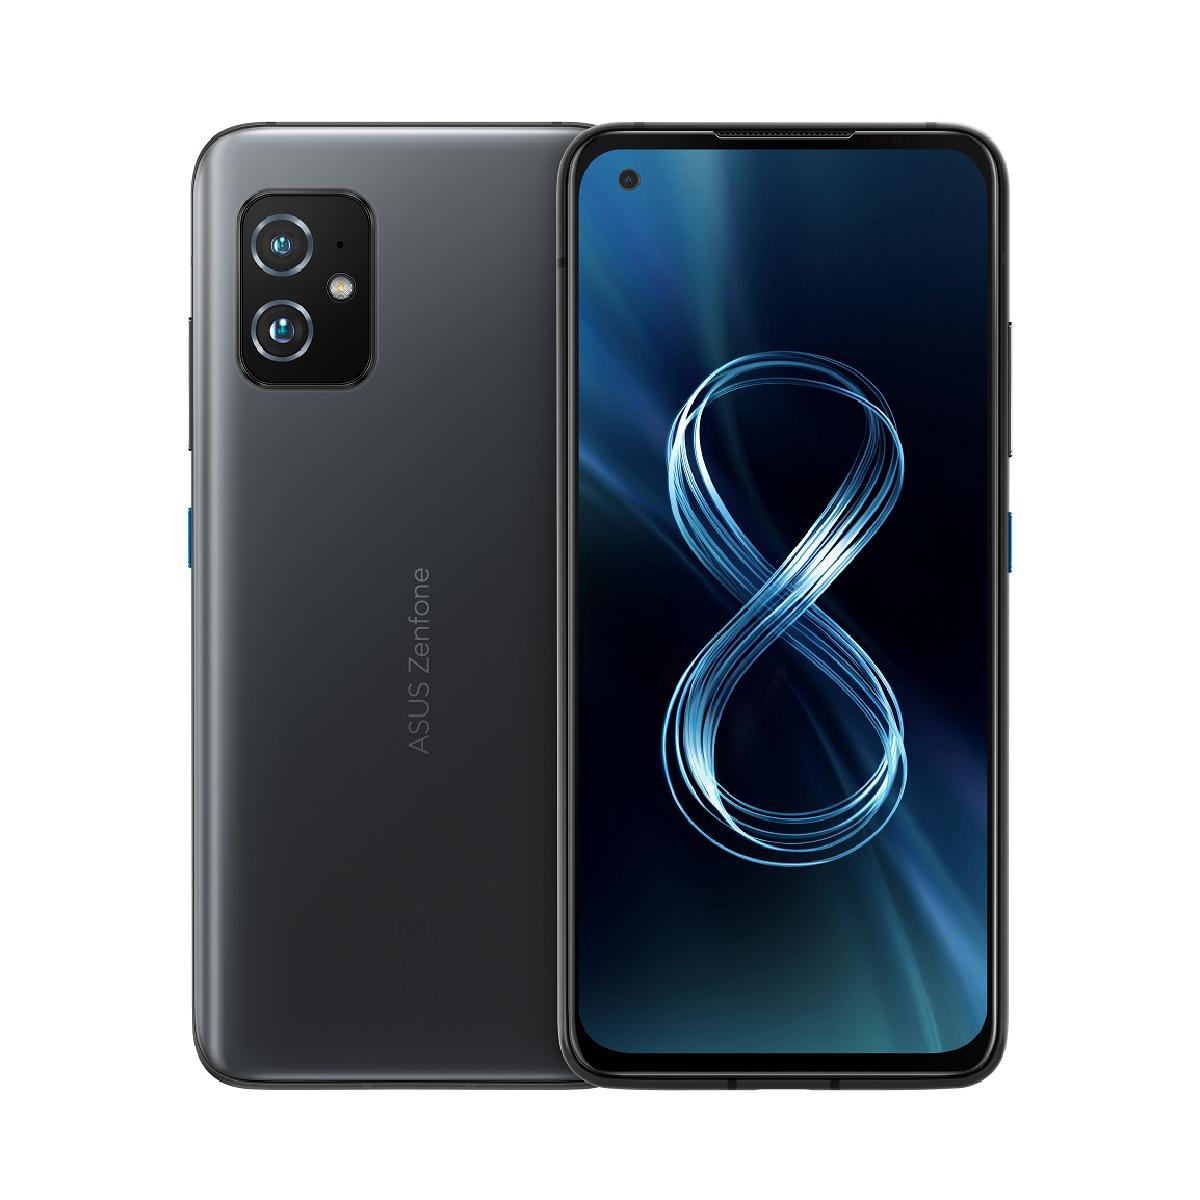 Zenfone 8 (8G/128G)